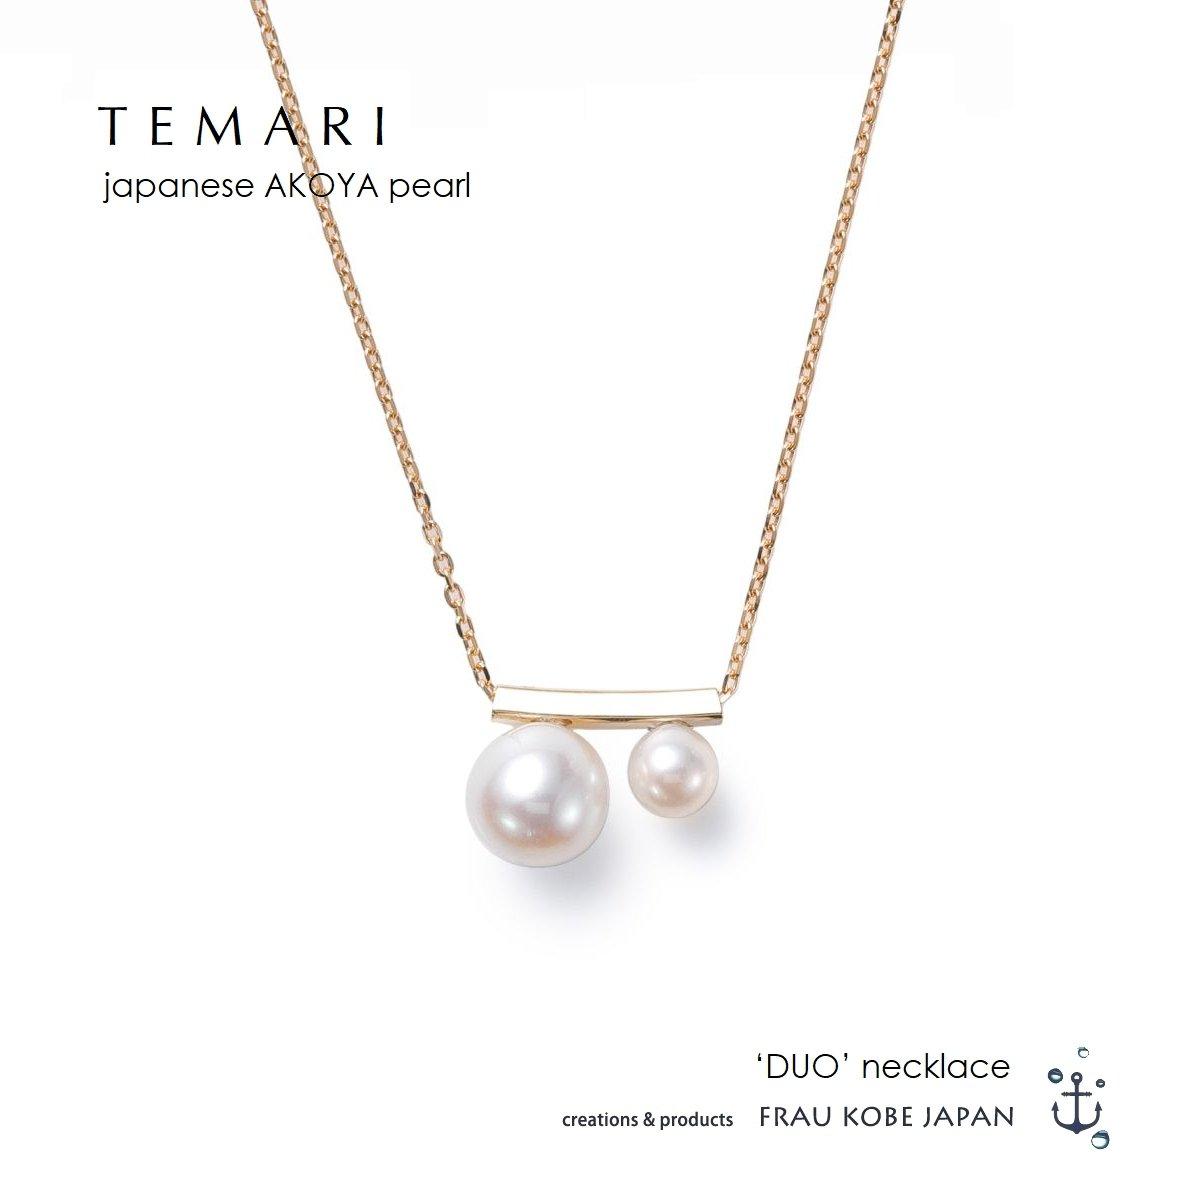 「TEMARI/手まり」K18あこやパール真珠ネックレス-Duo-